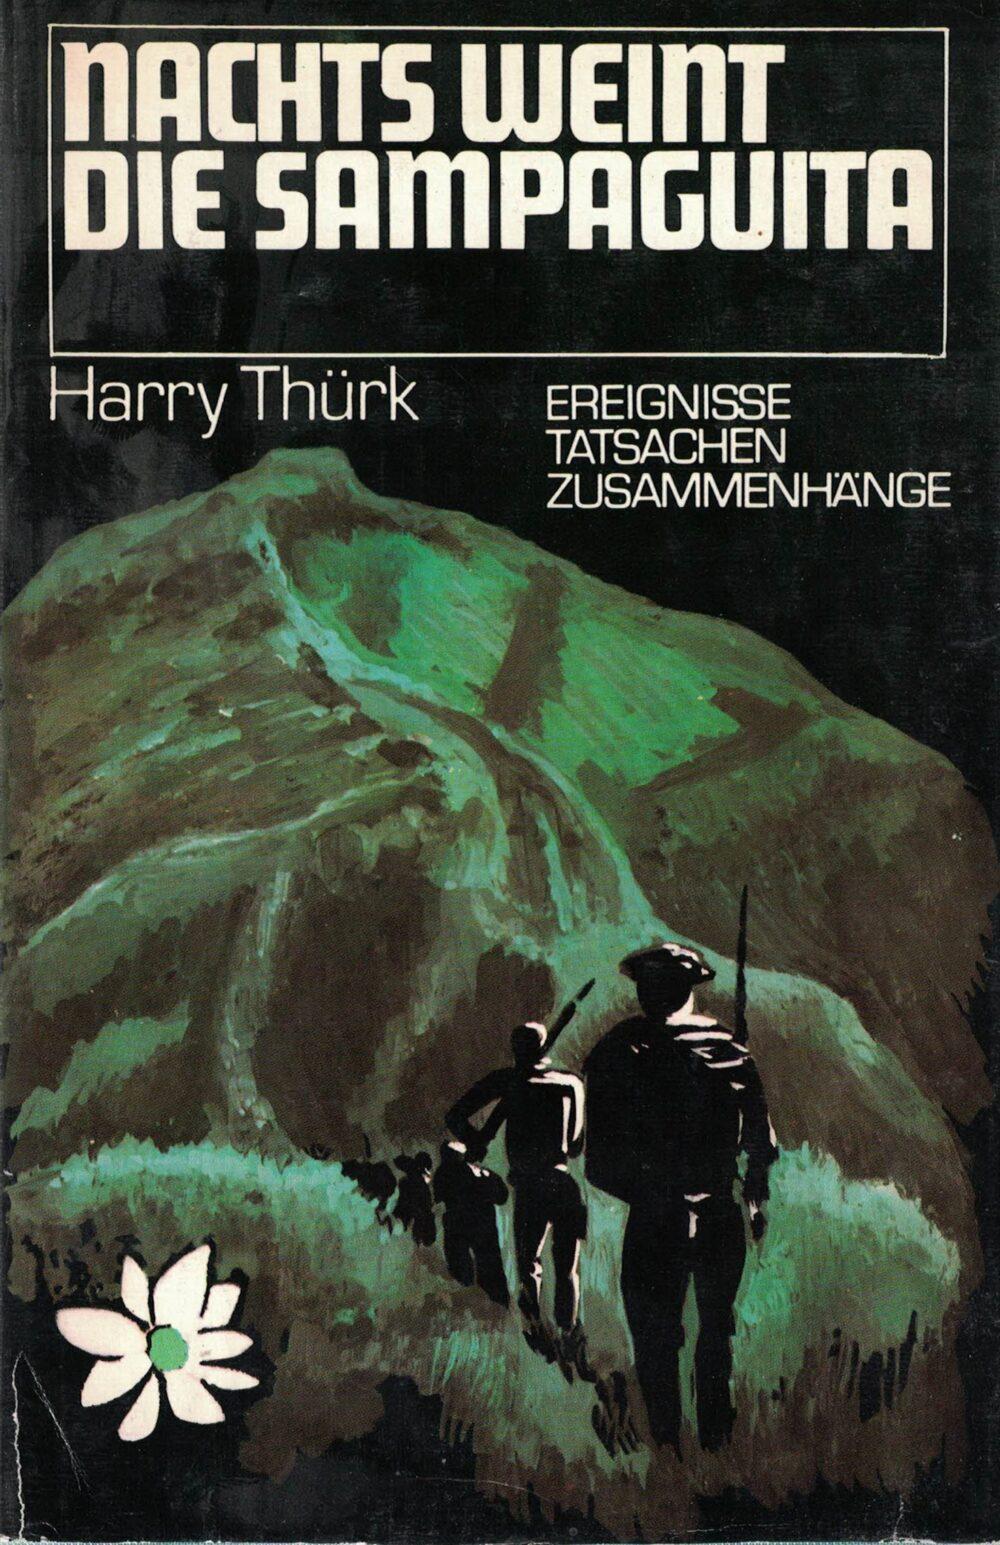 Harry Thürk - Nachts weint die Sampaguita